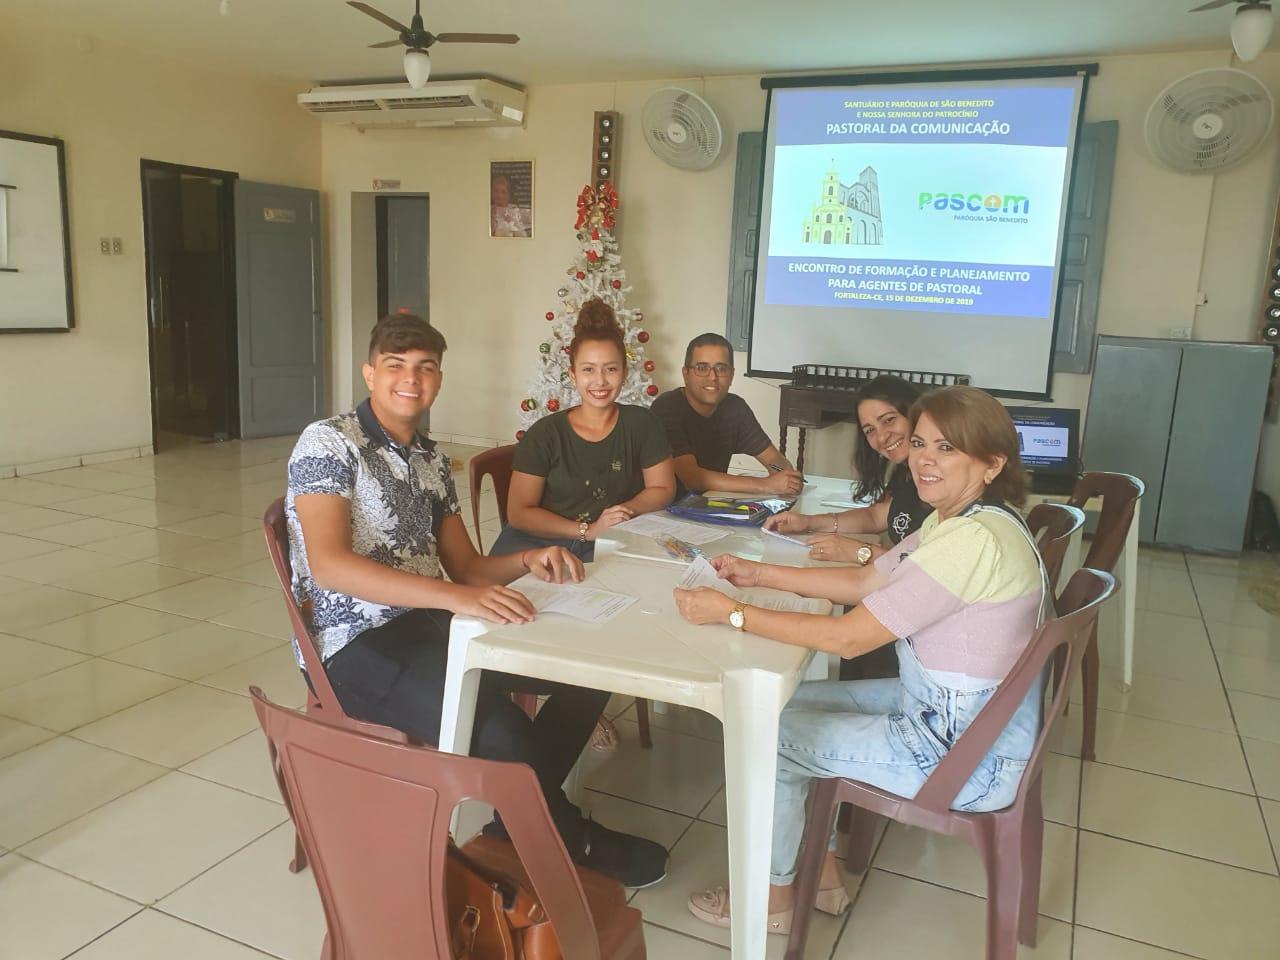 Pastoral da Comunicação realiza encontro de formação e planejamento